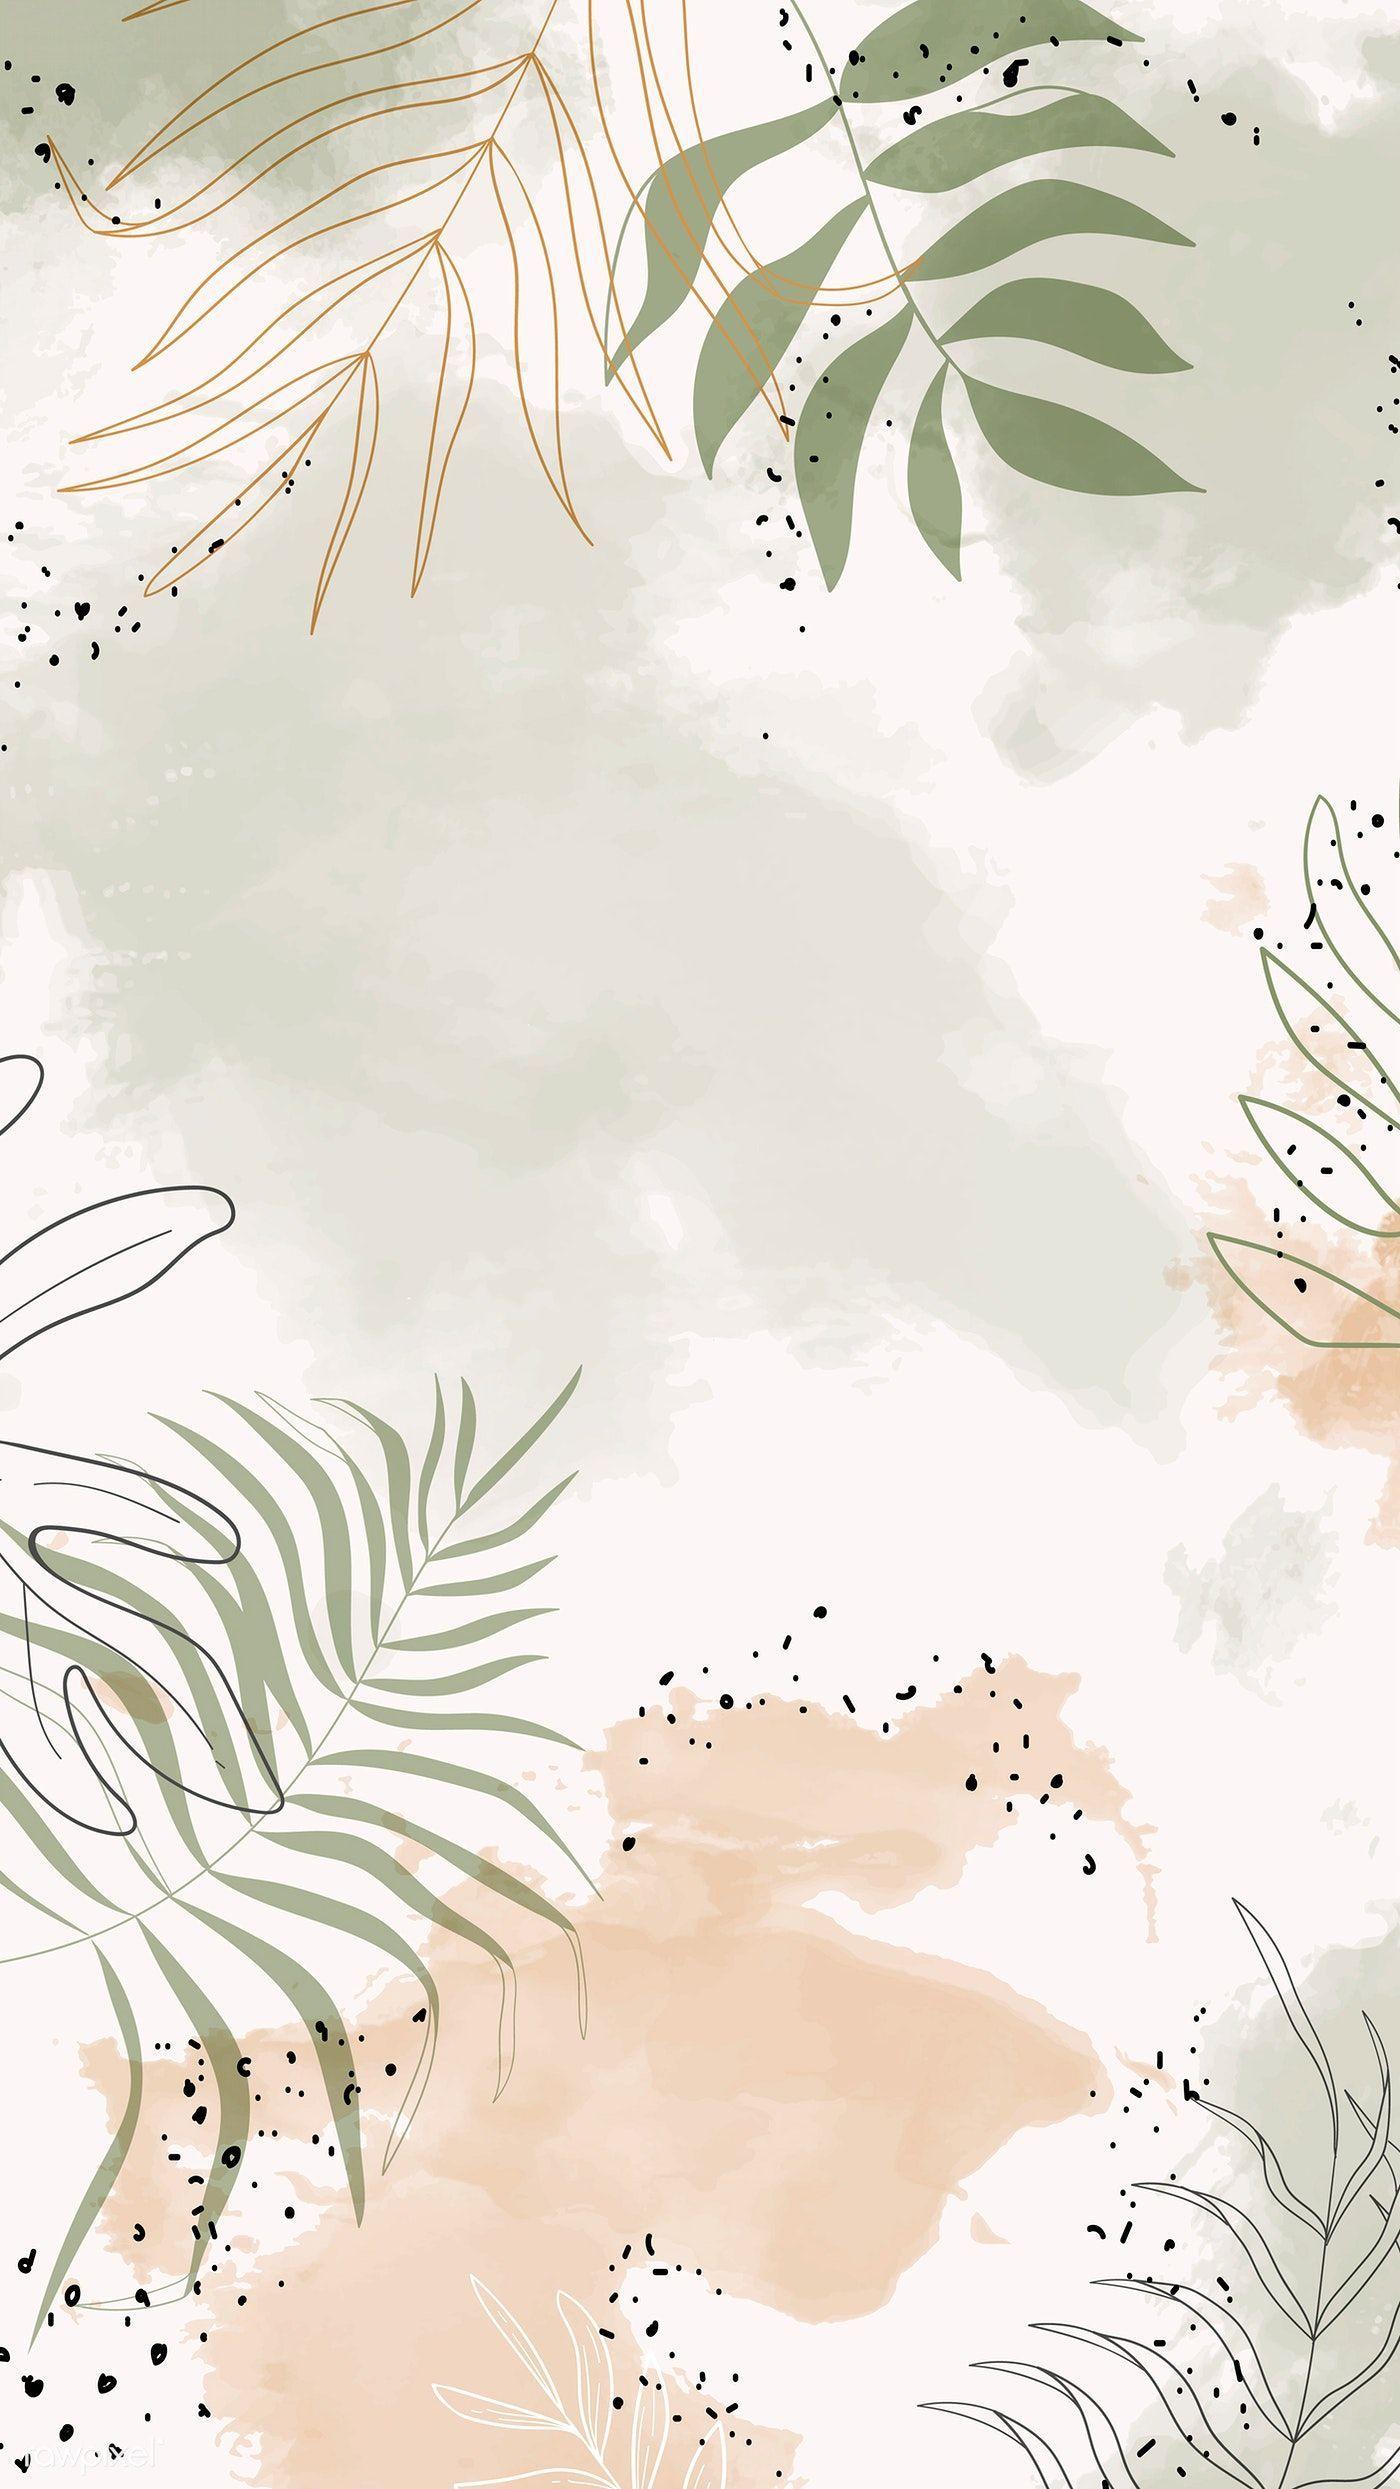 Laden Sie den erstklassigen Vektor der beigen grünen Aquarell-Handytapete herunter#aquarellhandytapete #beigen #den #der #erstklassigen #grünen